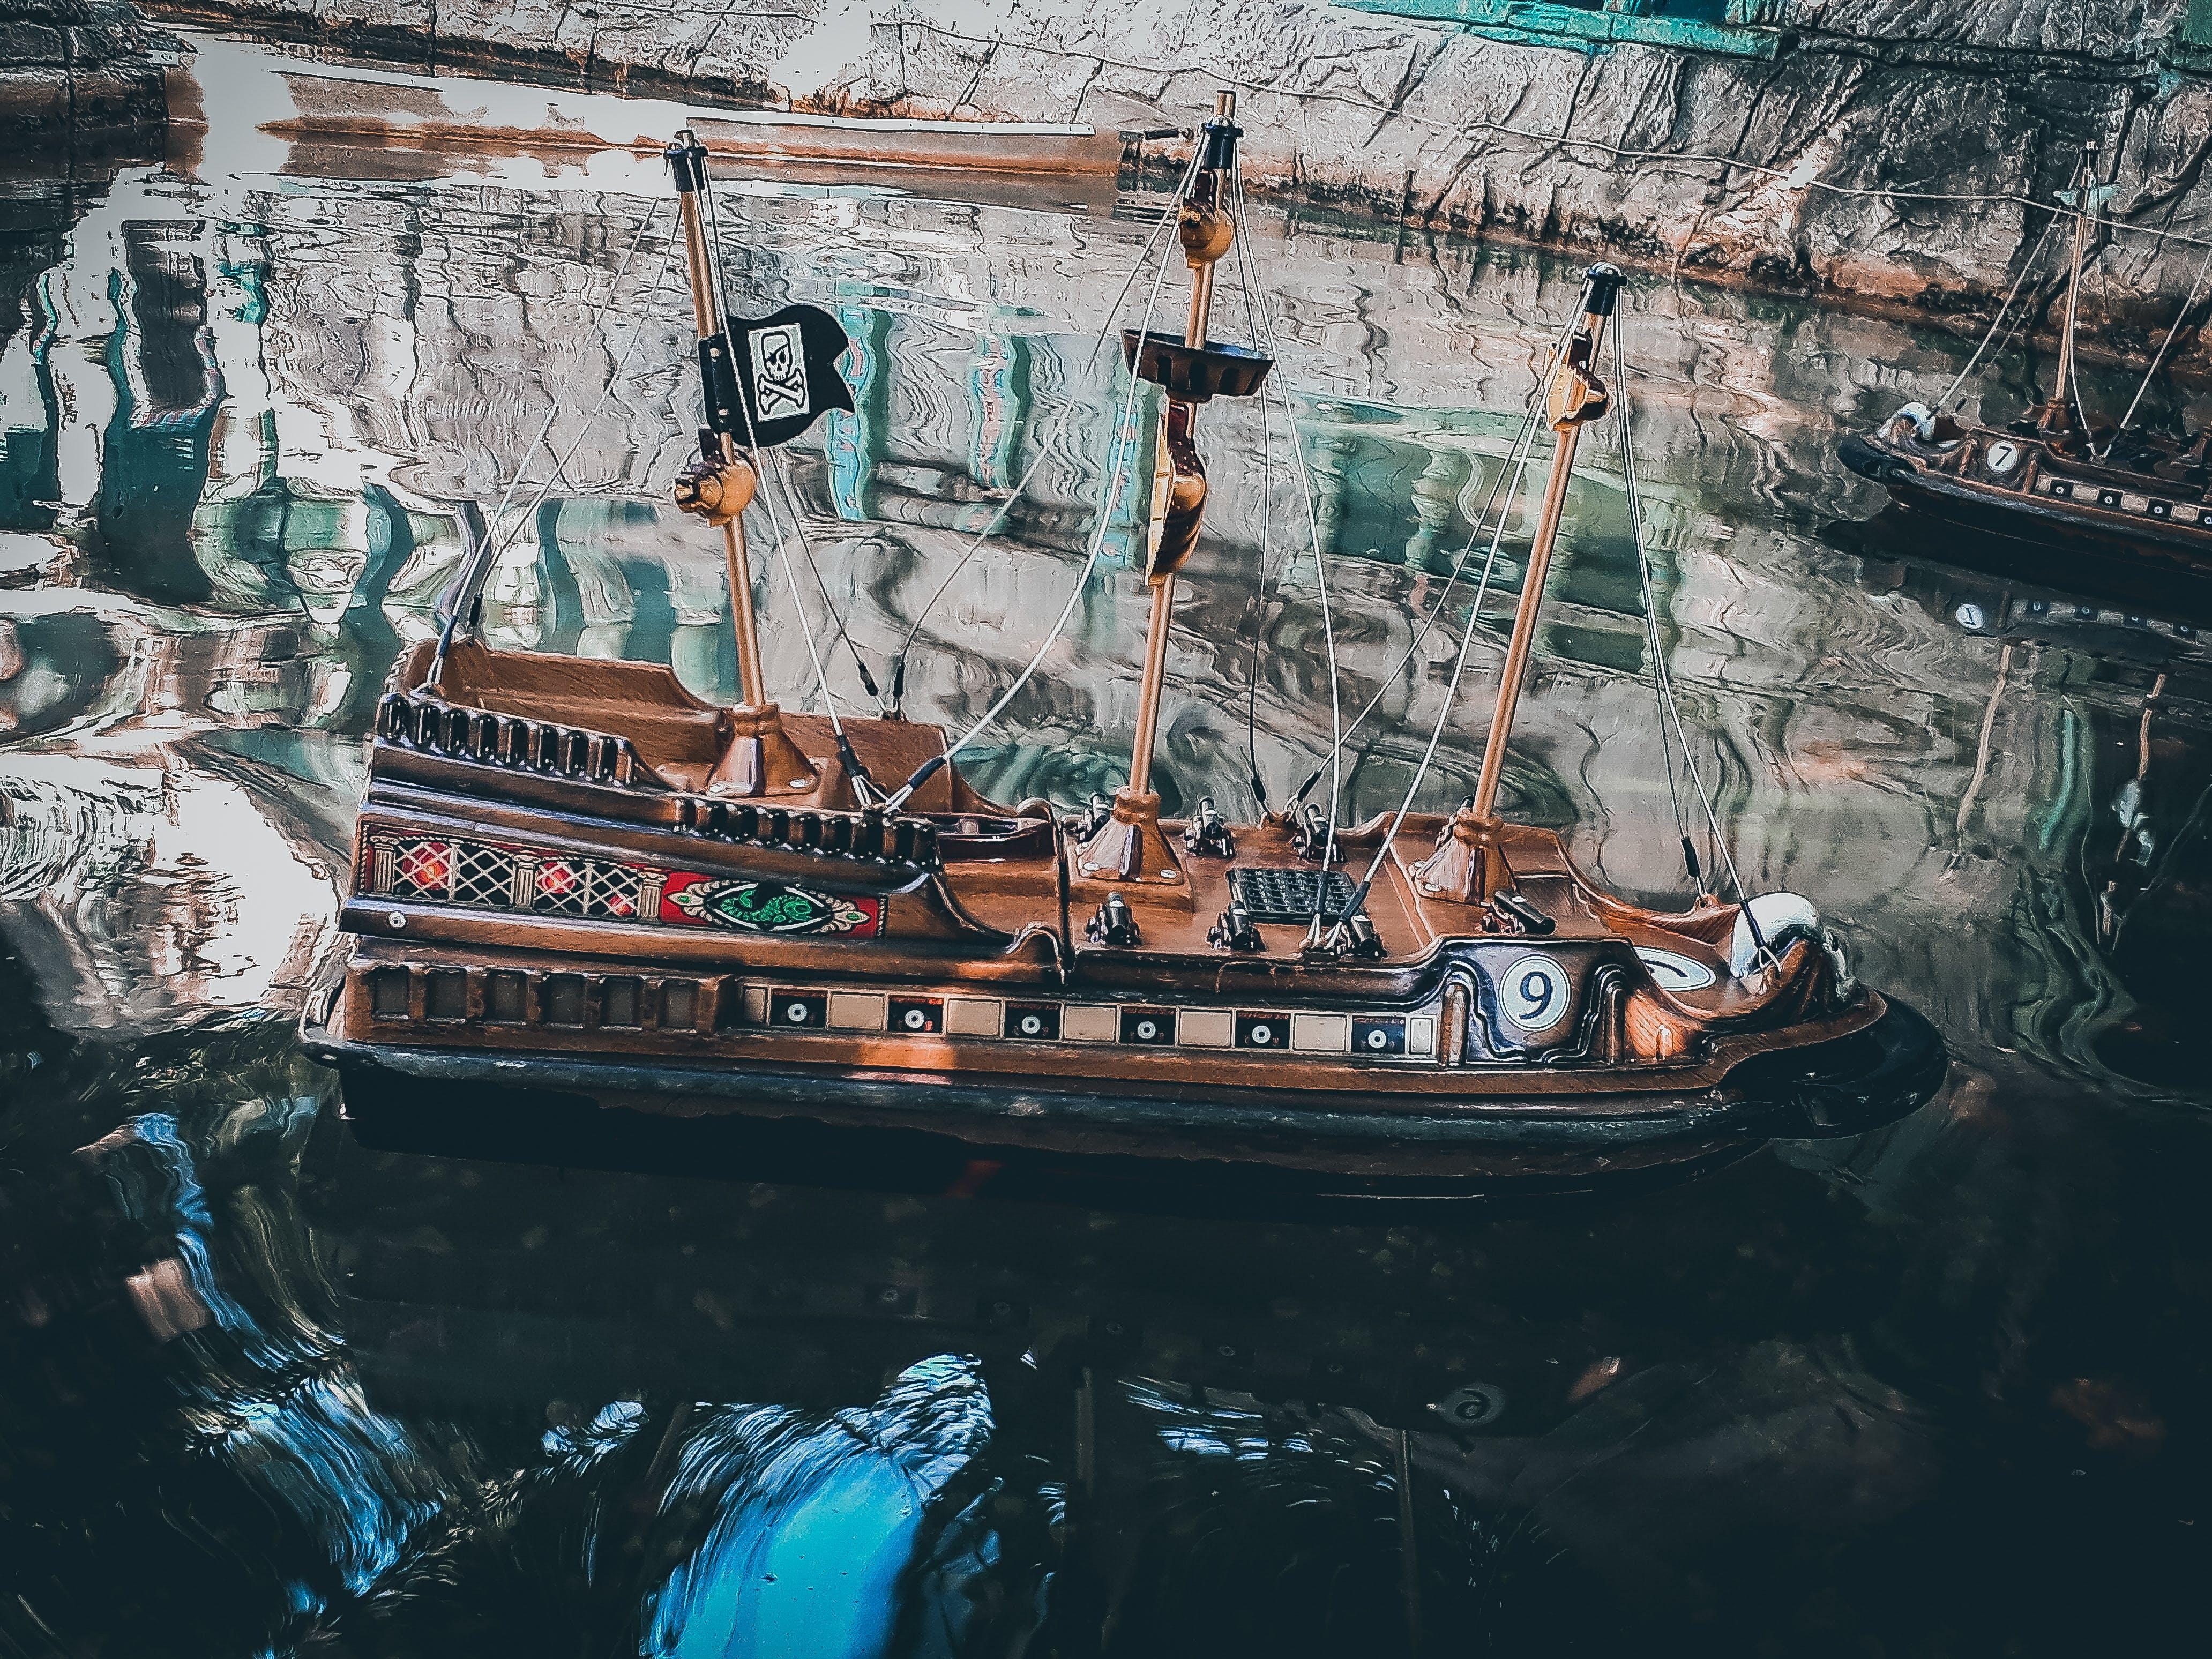 Δωρεάν στοκ φωτογραφιών με colortones, emtionallook, miniboat, πειρατής